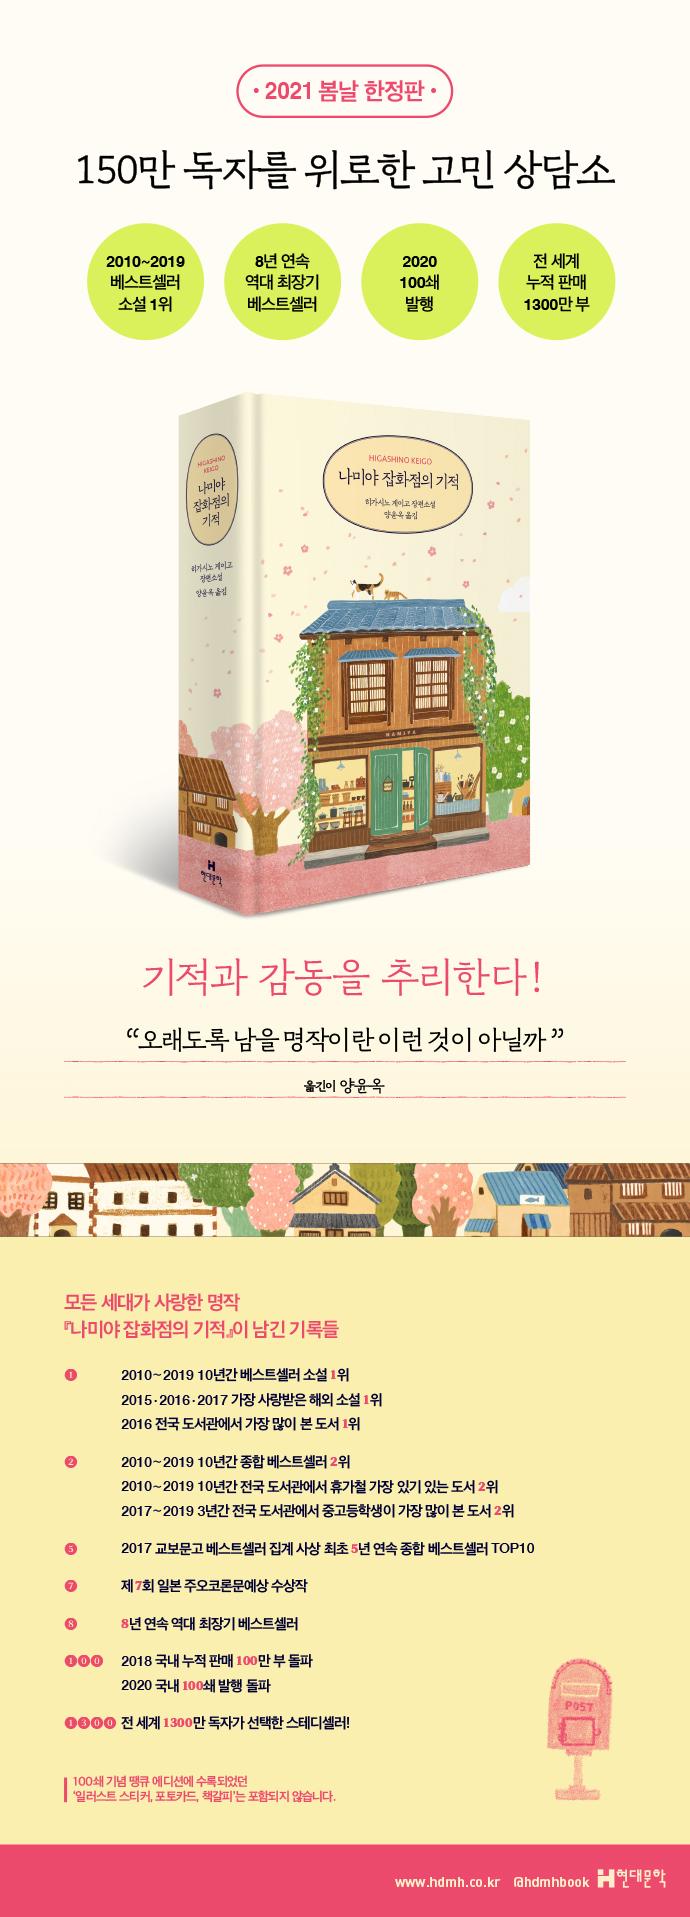 나미야 잡화점의 기적(2021 봄날 한정판)(양장본 HardCover) 도서 상세이미지